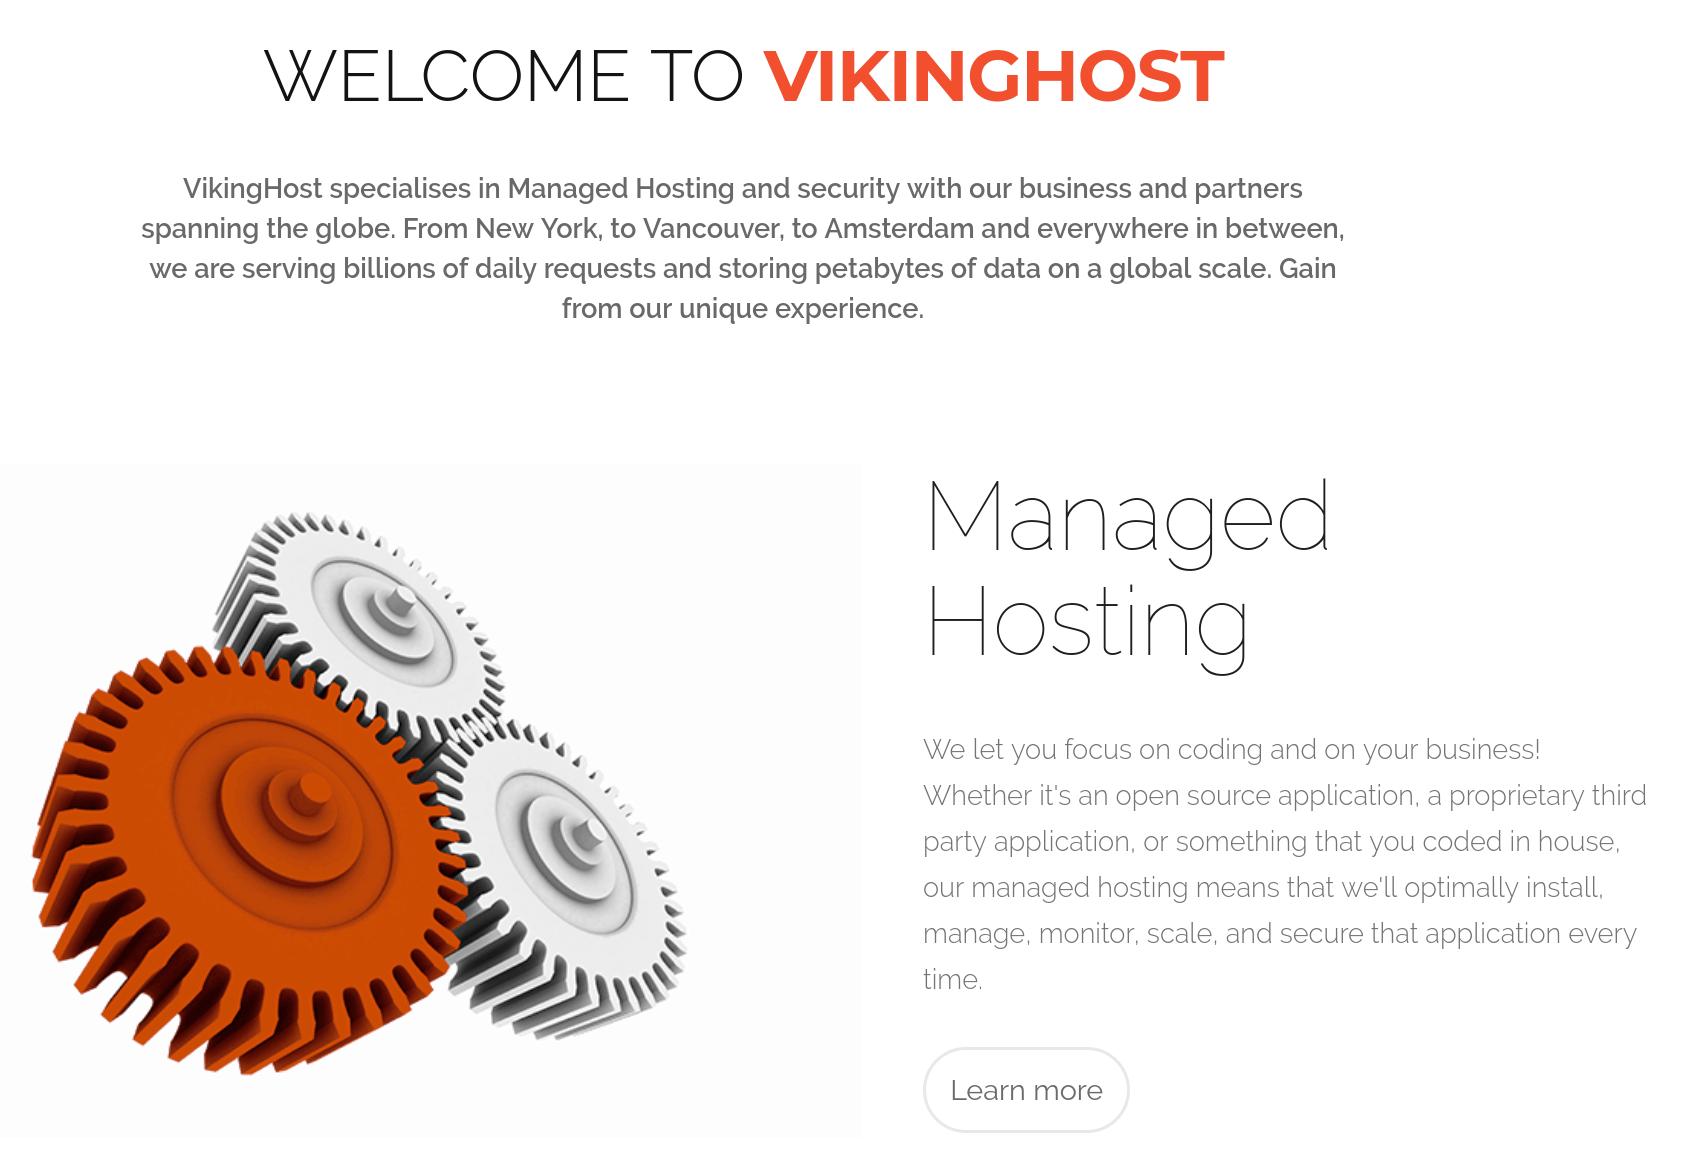 VikingHost